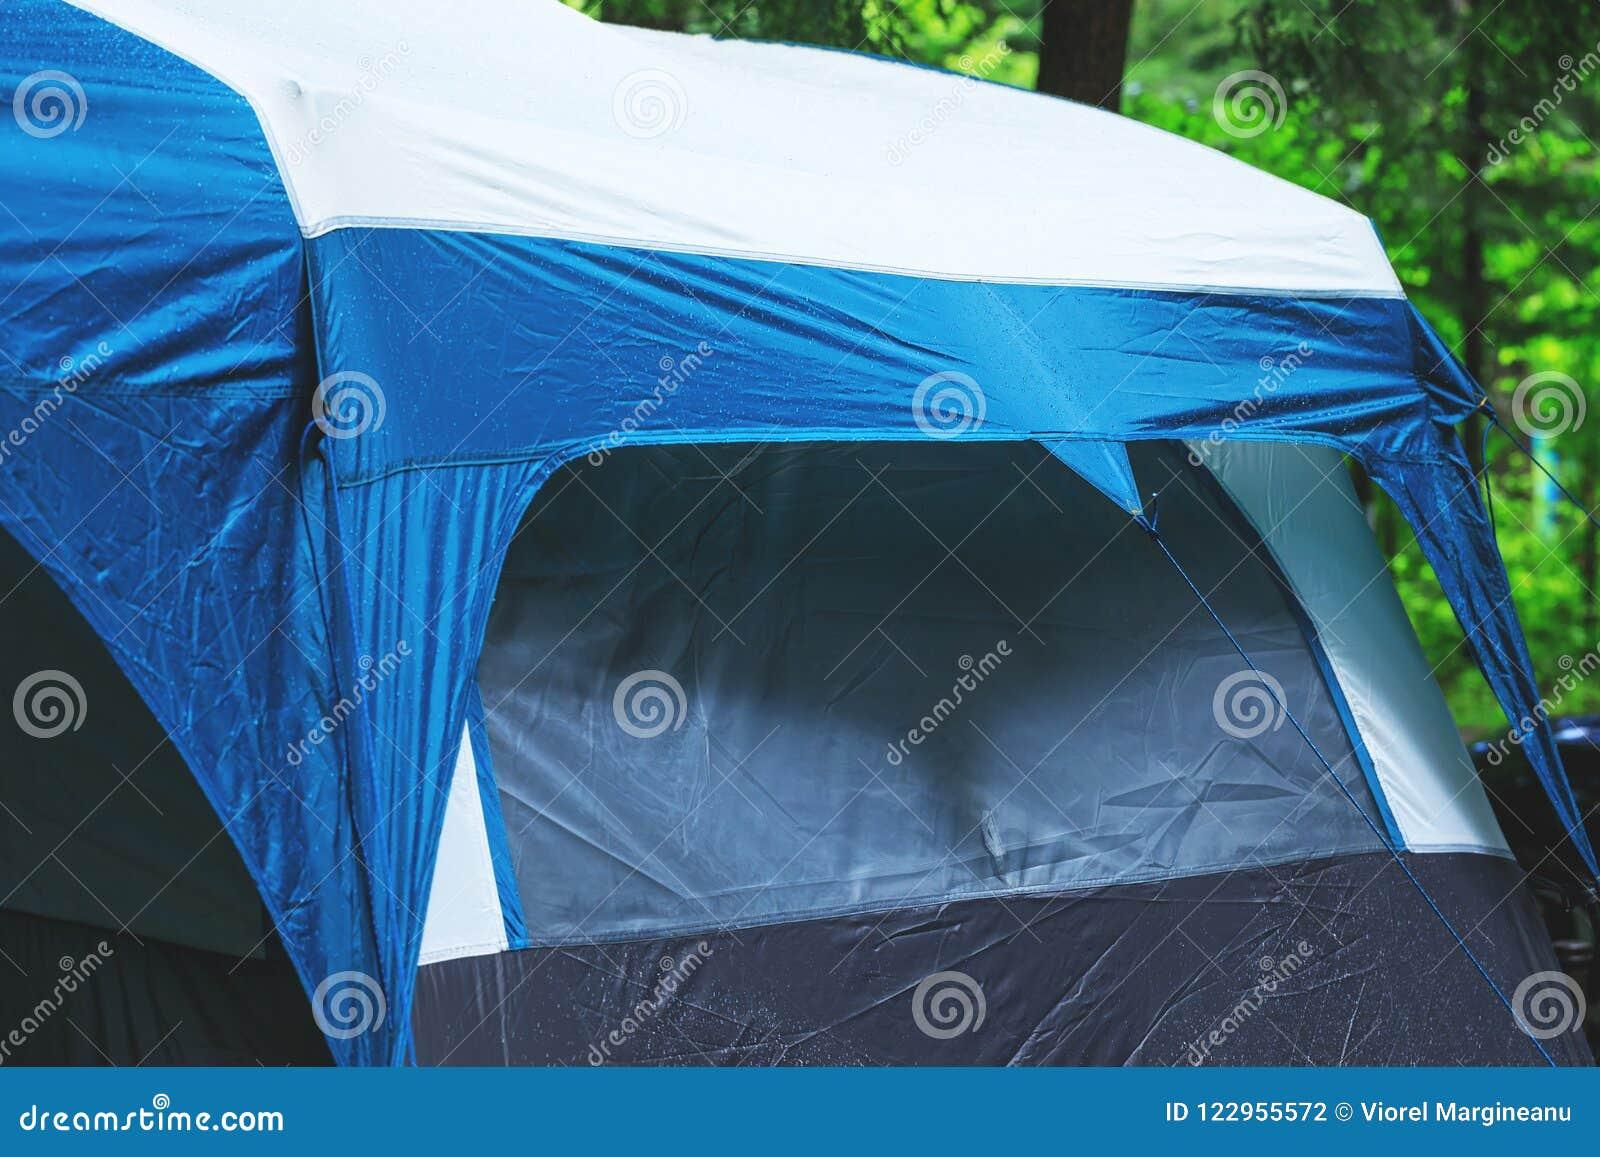 Grande barraca de acampamento no dia chuvoso Barracas do turista instaladas no